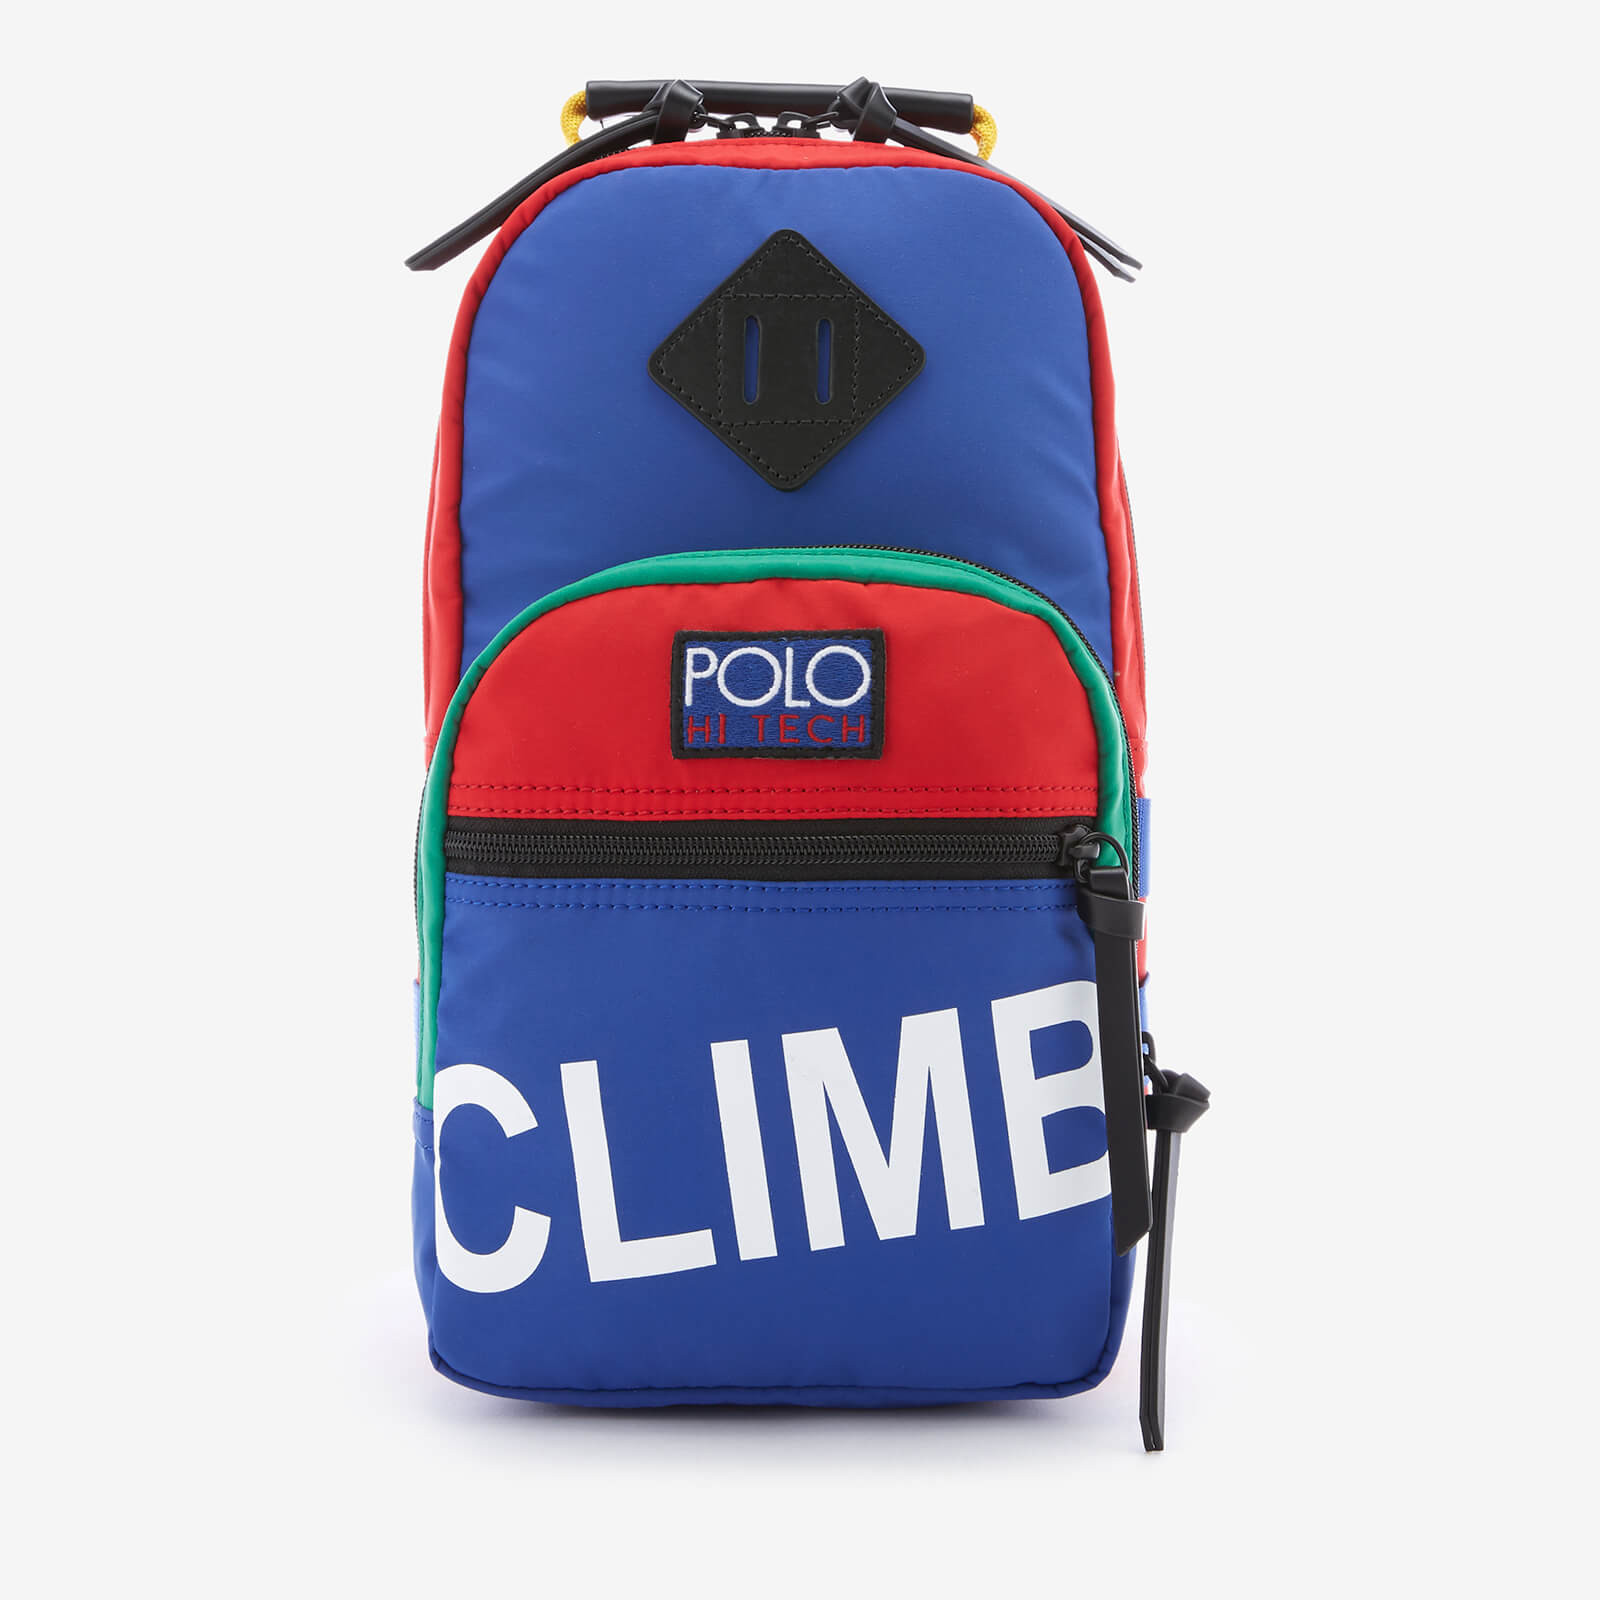 5e21e95828 Polo Ralph Lauren Men s Hi Tech Sling Cross Body Bag - Multi - Free UK  Delivery over £50